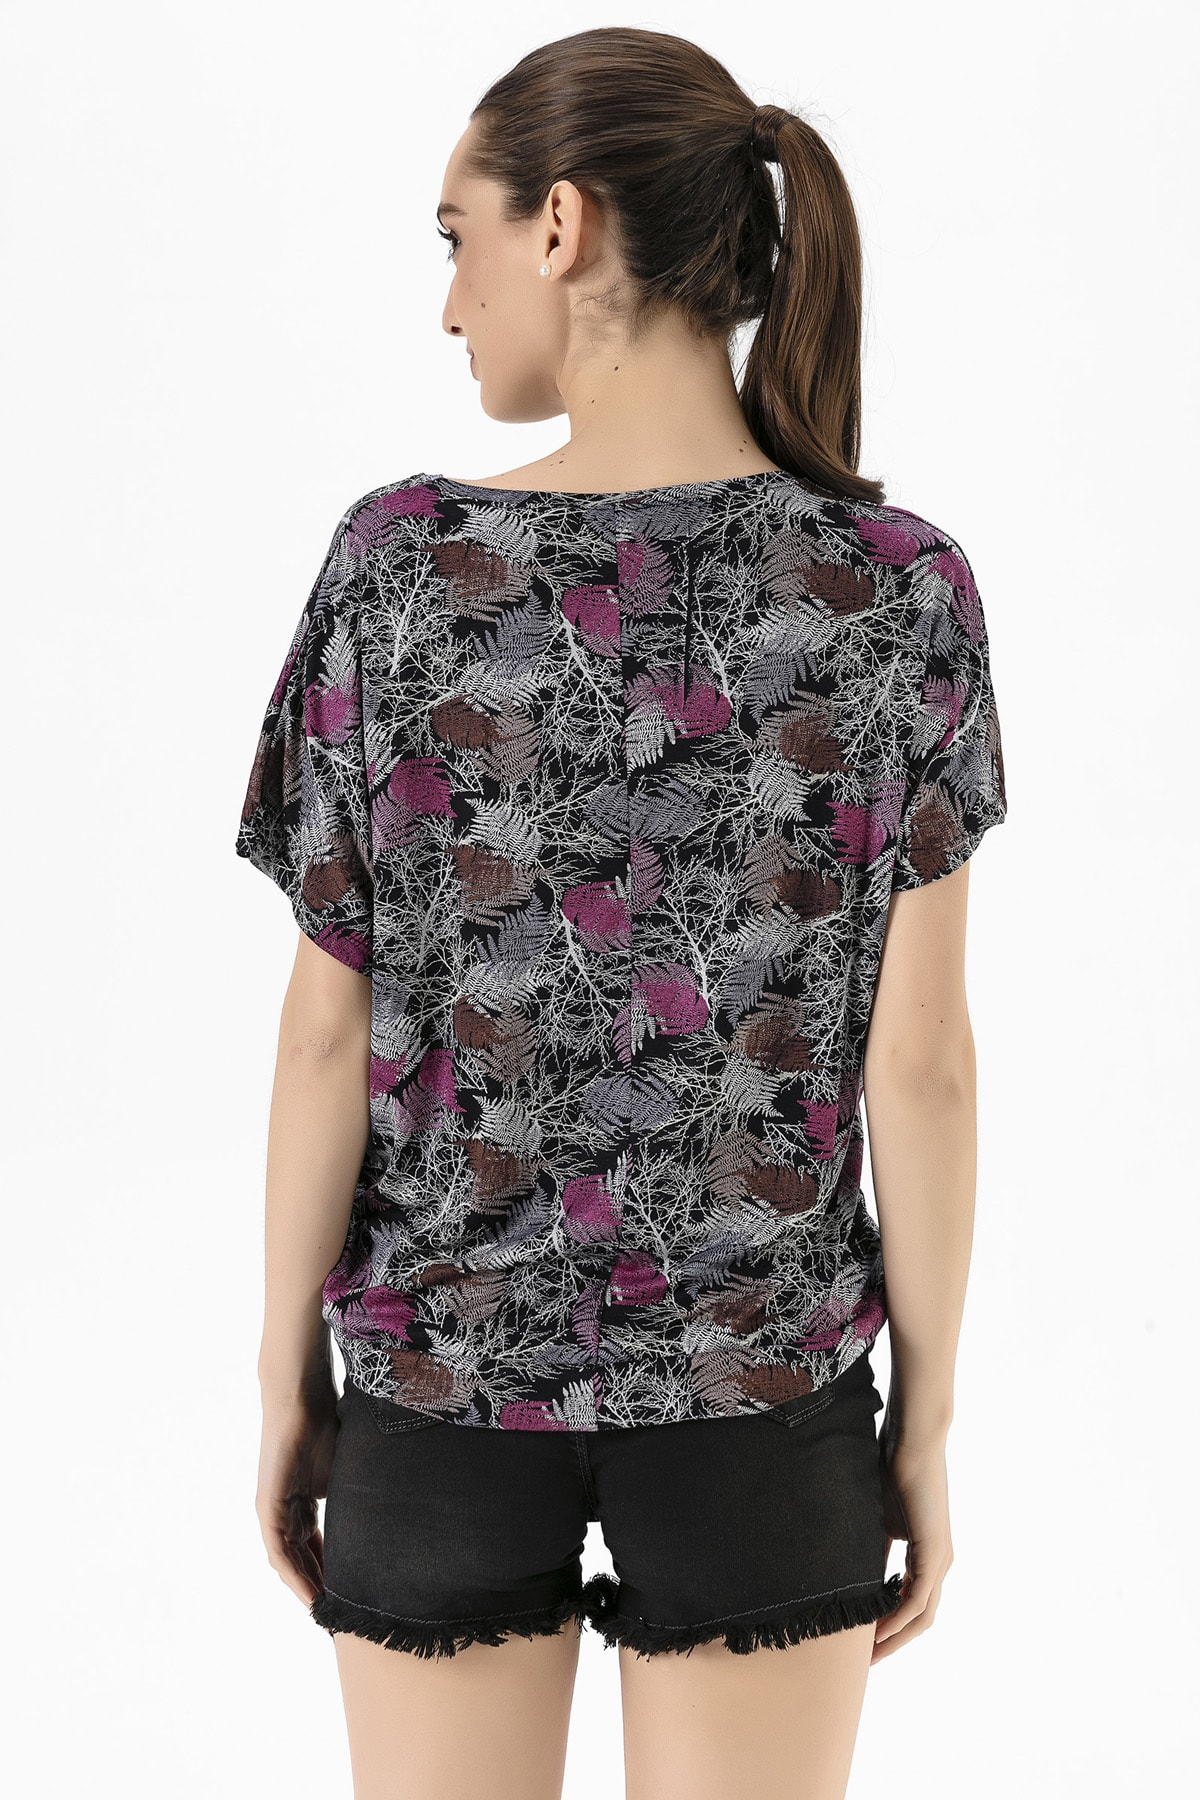 EMJEY Kadın Yaprak Desen Düşük Kol T-Shirt She020Y020001 4